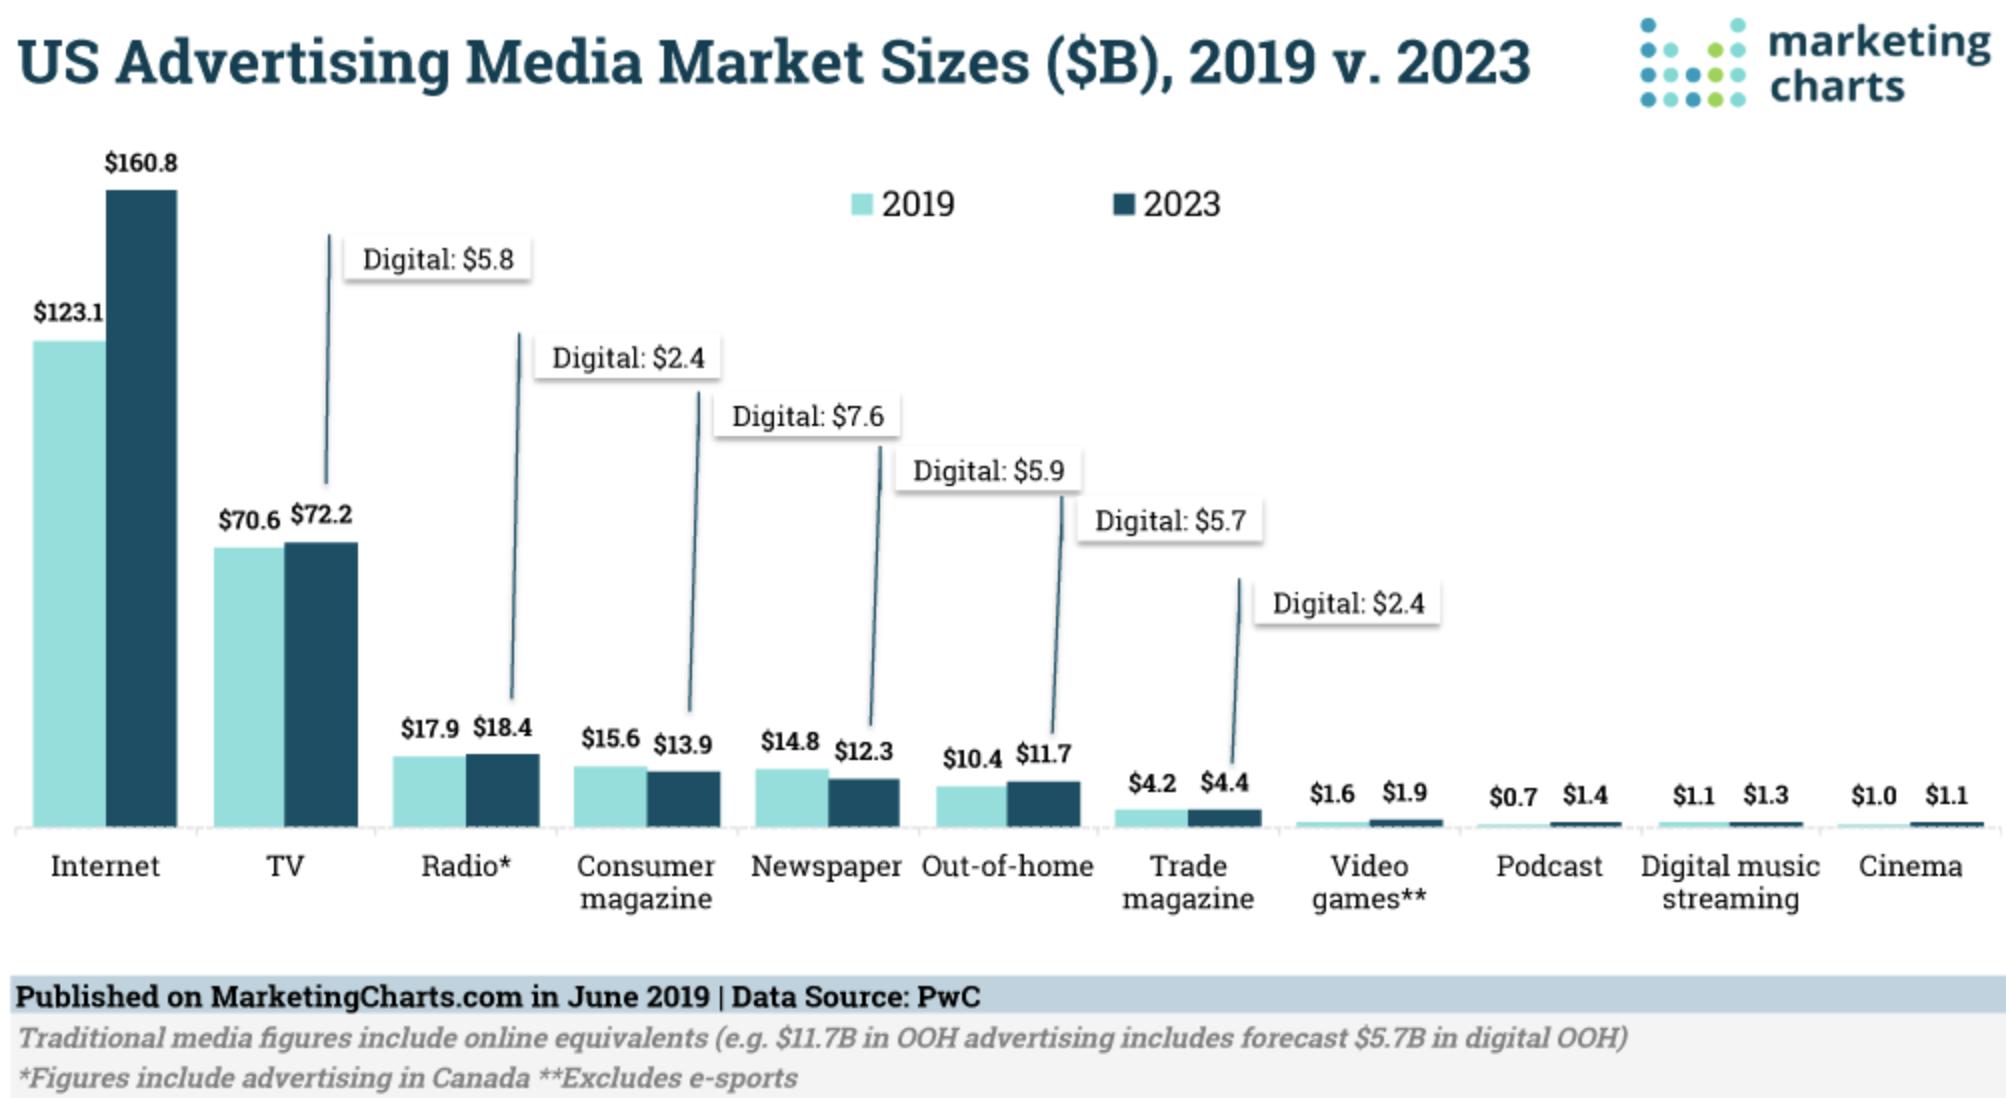 Рынок рекламы в США в миллиардах долларов. Голубой — 2019год, темно-синий — прогноз на 2023. Слева направо: интернет, ТВ, радио, потребительские журналы, газеты, наружная реклама, профессиональные (отраслевые) журналы, видеоигры, подкасты, стриминг музыки, кино. 6 подписей от ТВ до профессиональных журналов показывают, сколько в этих секторах будет занимать цифровая реклама. Источник: Marketing Charts